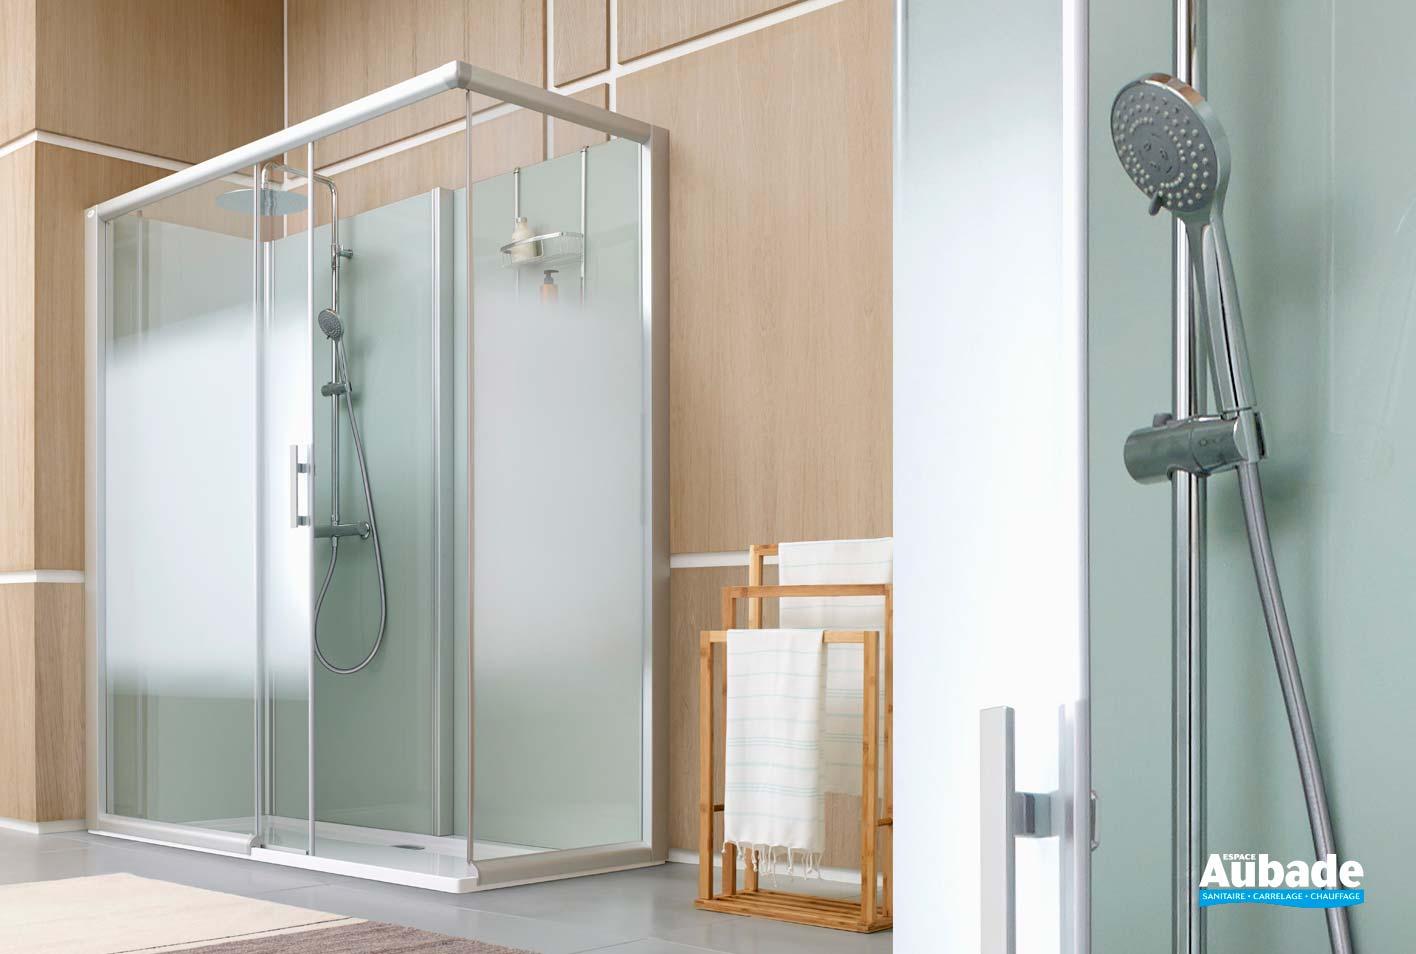 cabine de douche leda access porte coulissante espace aubade. Black Bedroom Furniture Sets. Home Design Ideas